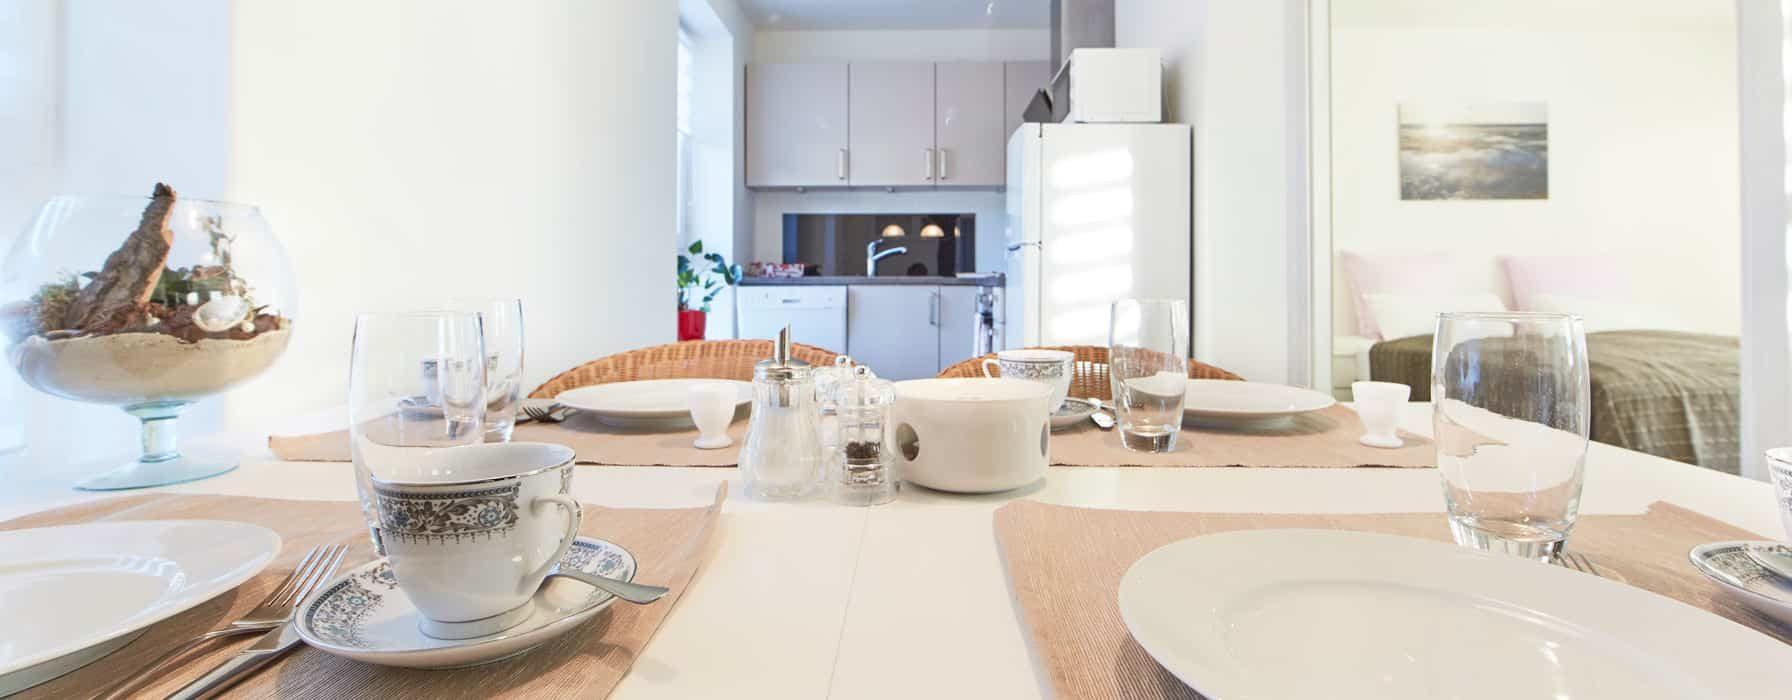 Der eingedeckte Essbereich mit Blick in die offene Küche